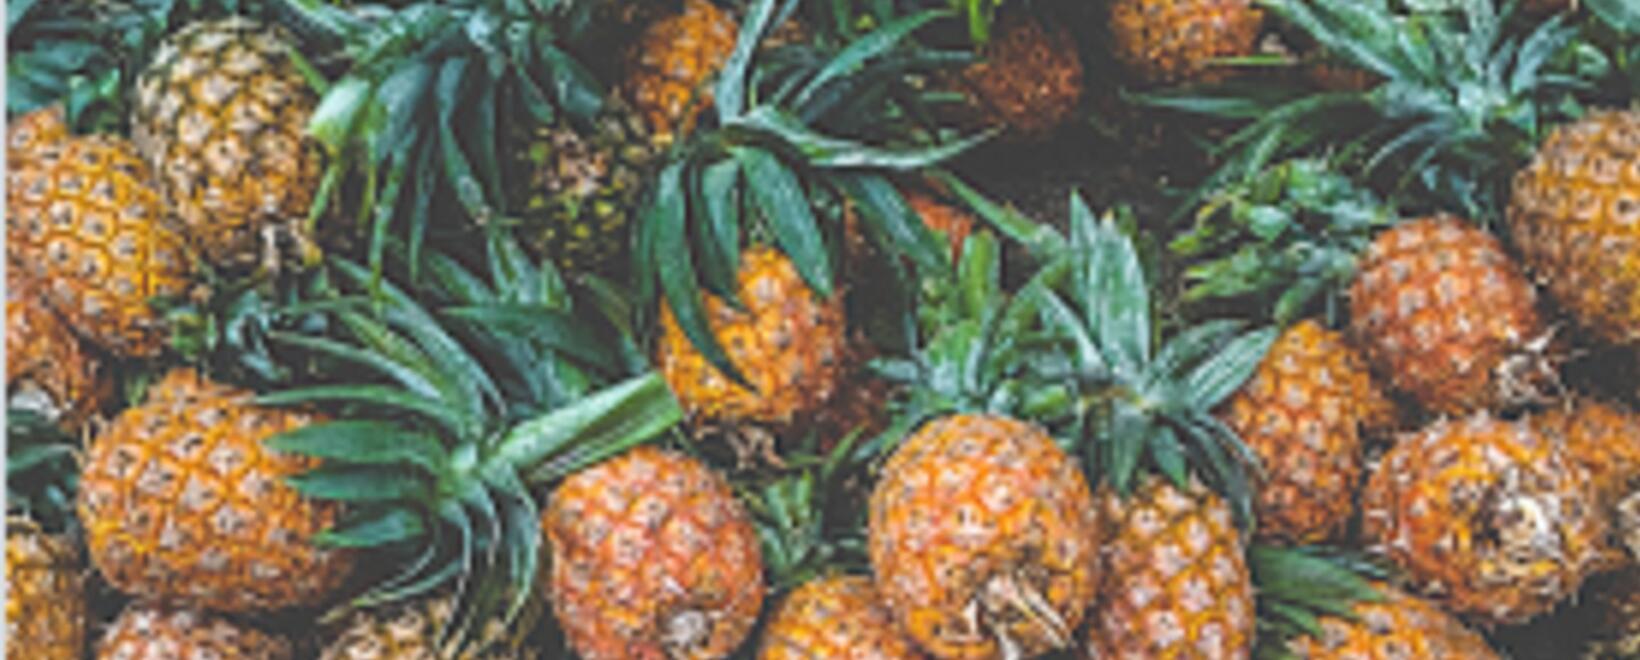 Tenga en cuenta estas buenas prácticas para combatir las enfermedades en los cultivos de piña.